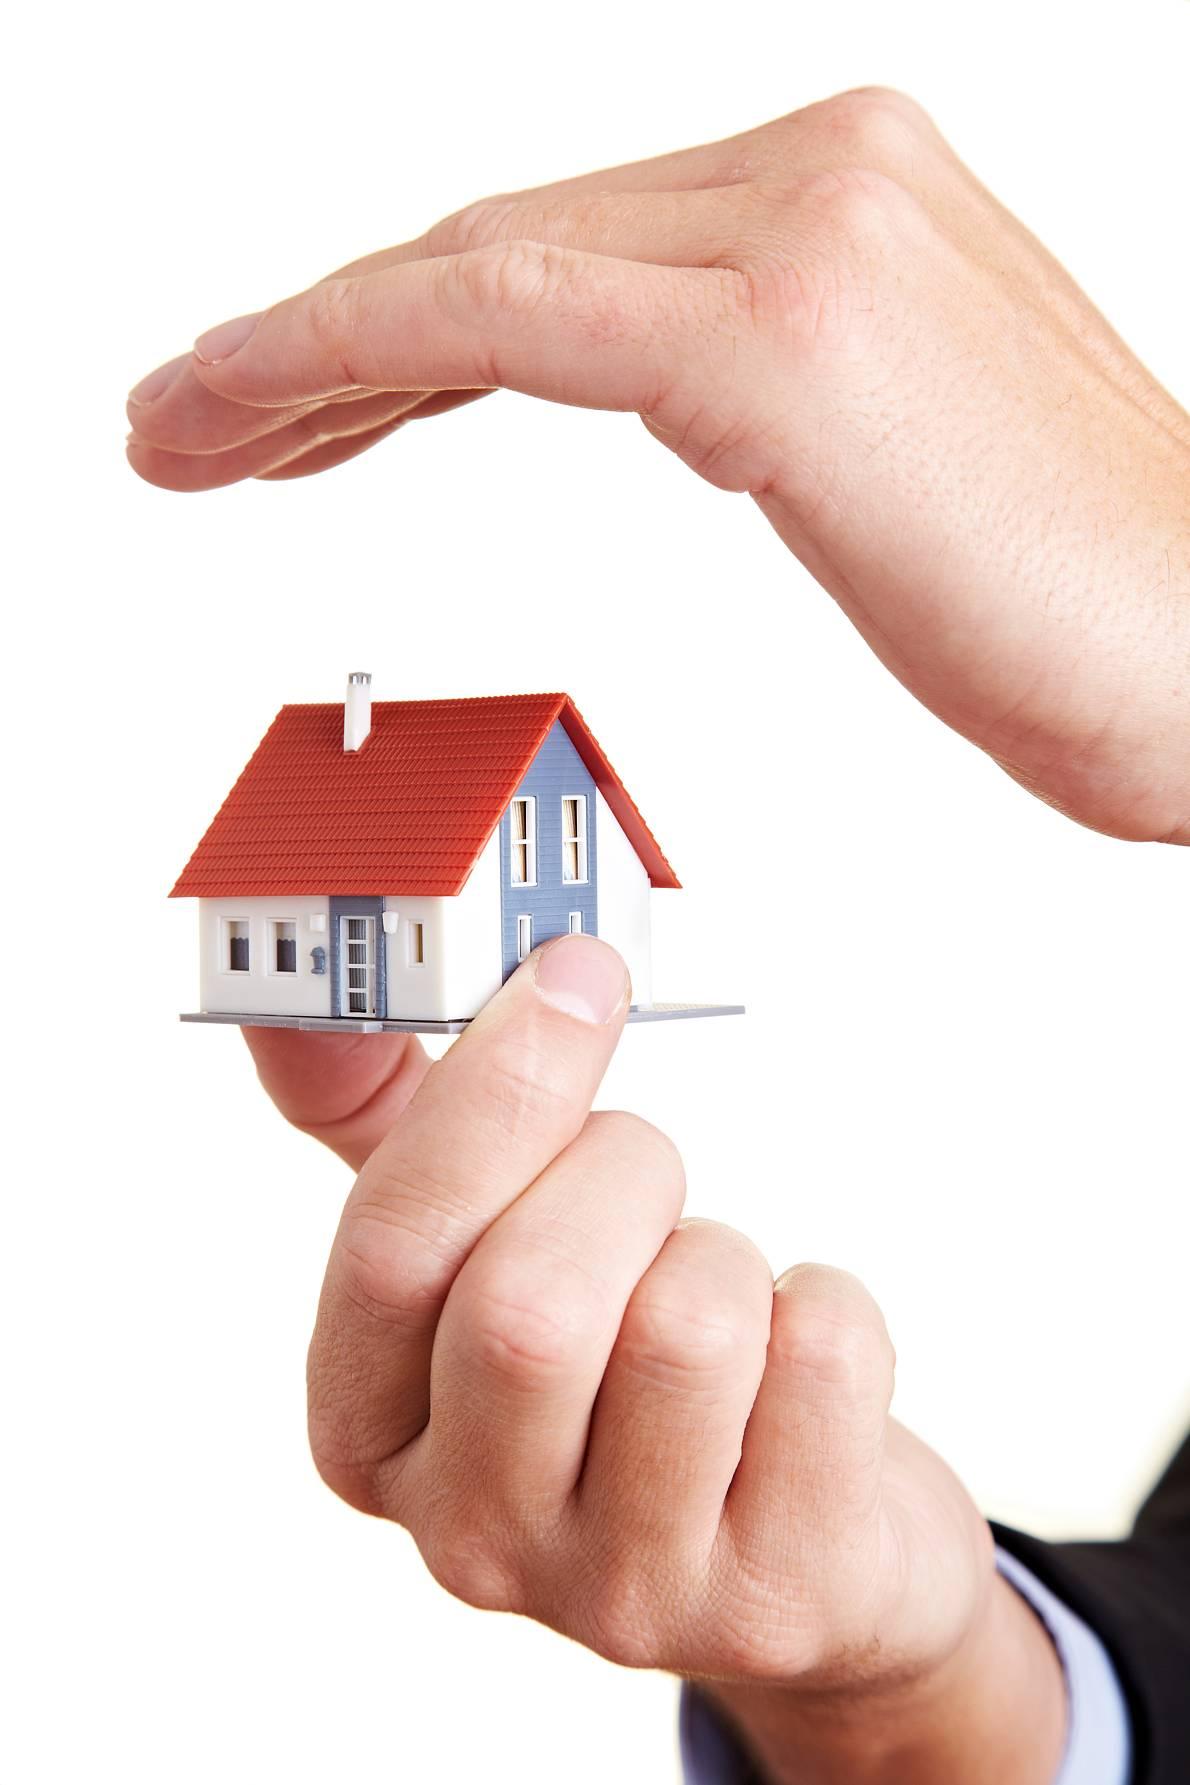 Eine Risikolebensversicherung ist beim Hausbau und immobilienerwerb sinnvoll Quelle: © Robert Kneschke - Fotolia